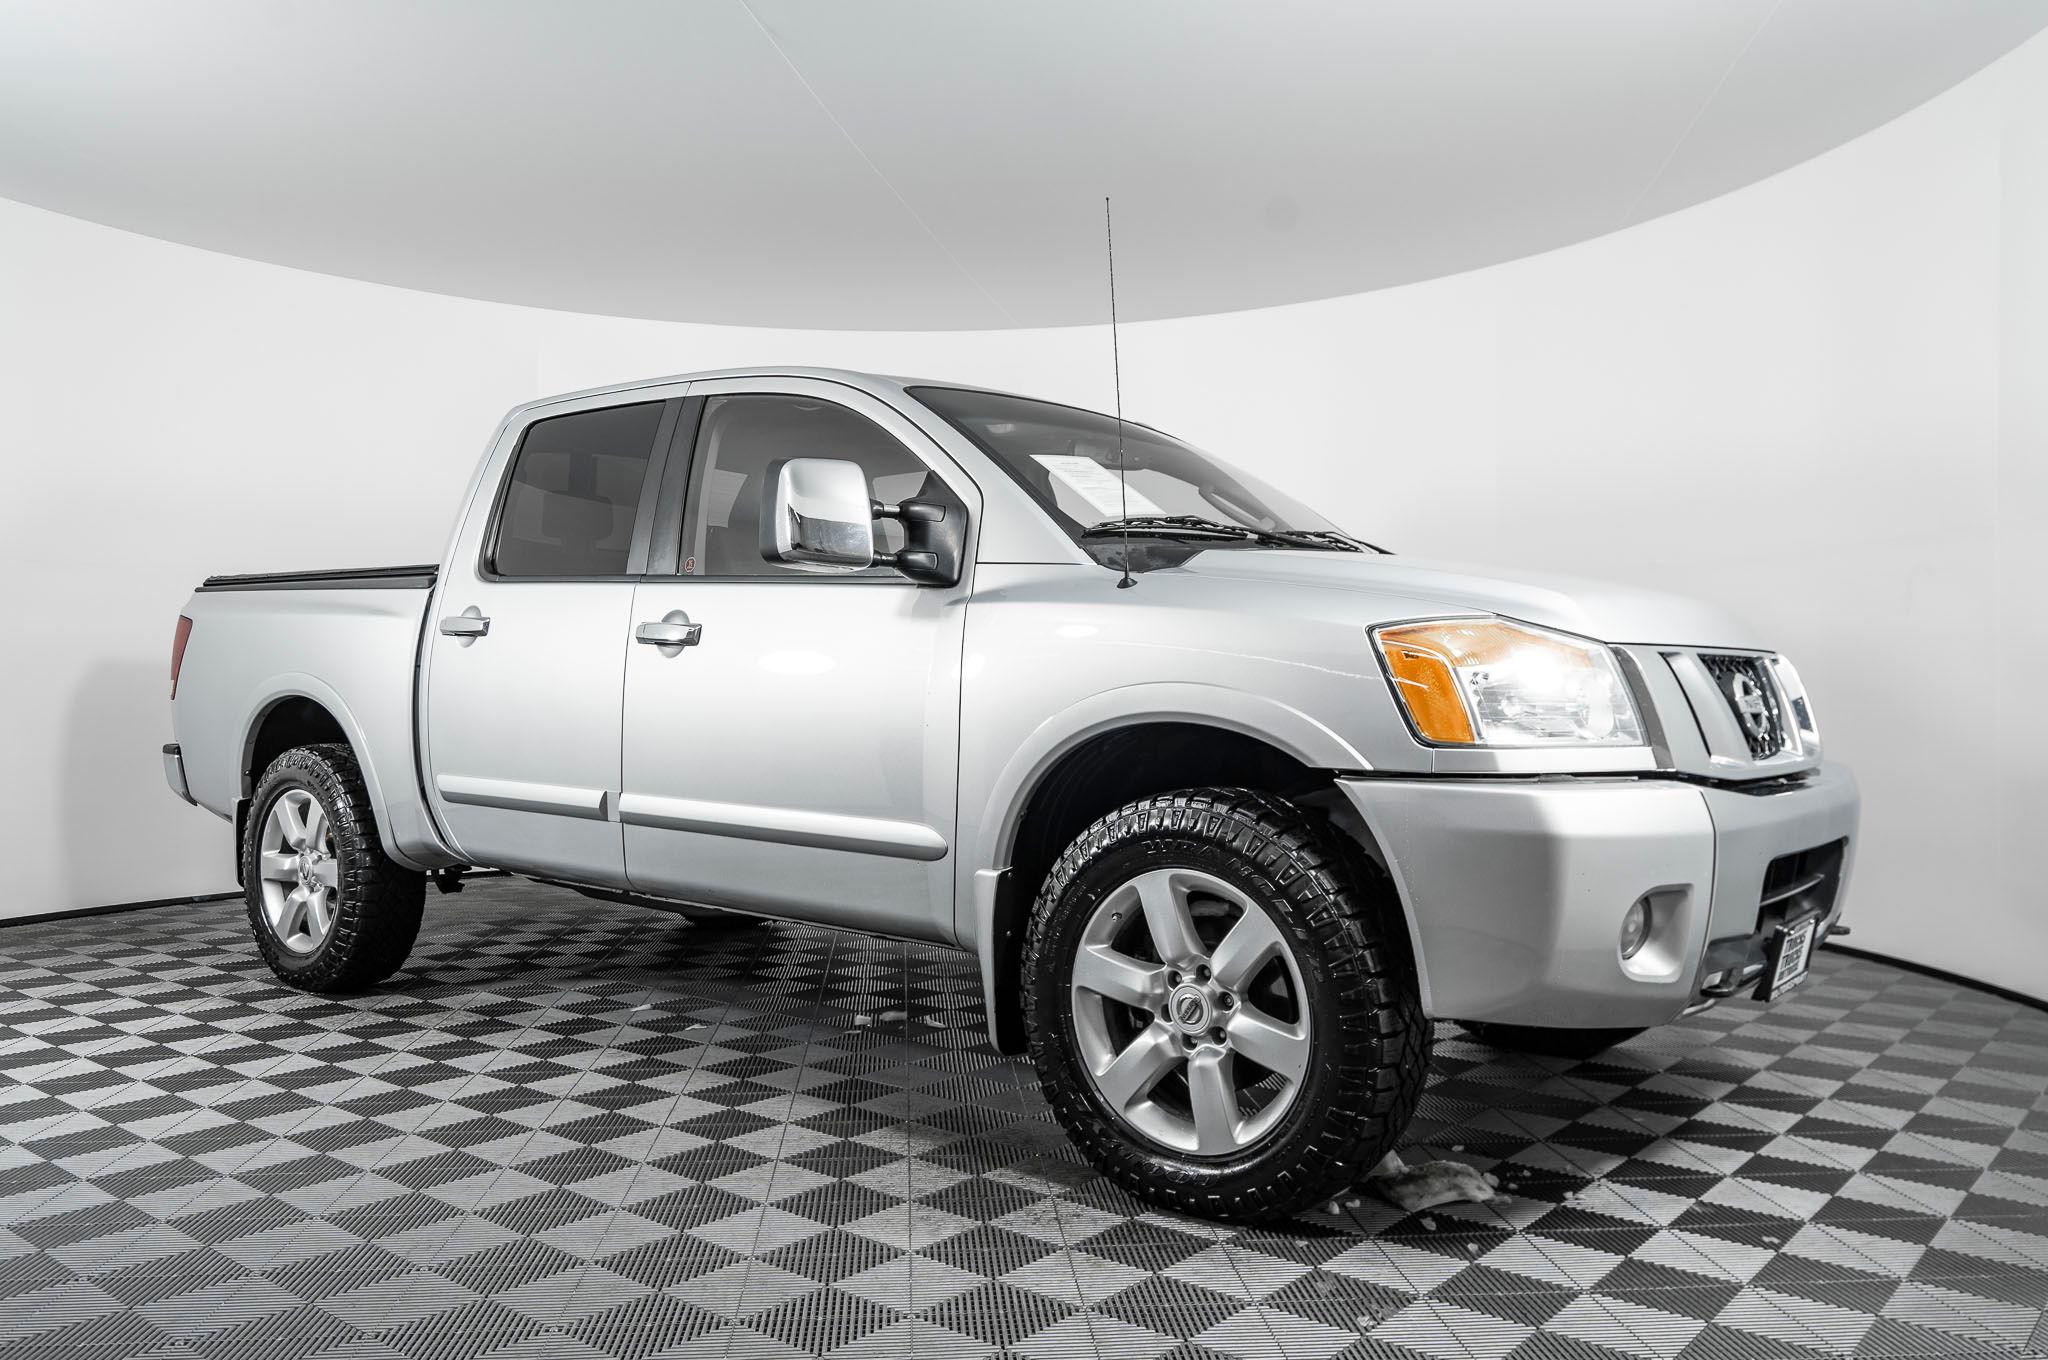 used 2010 nissan titan le 4x4 truck for sale northwest motorsport northwest motorsport